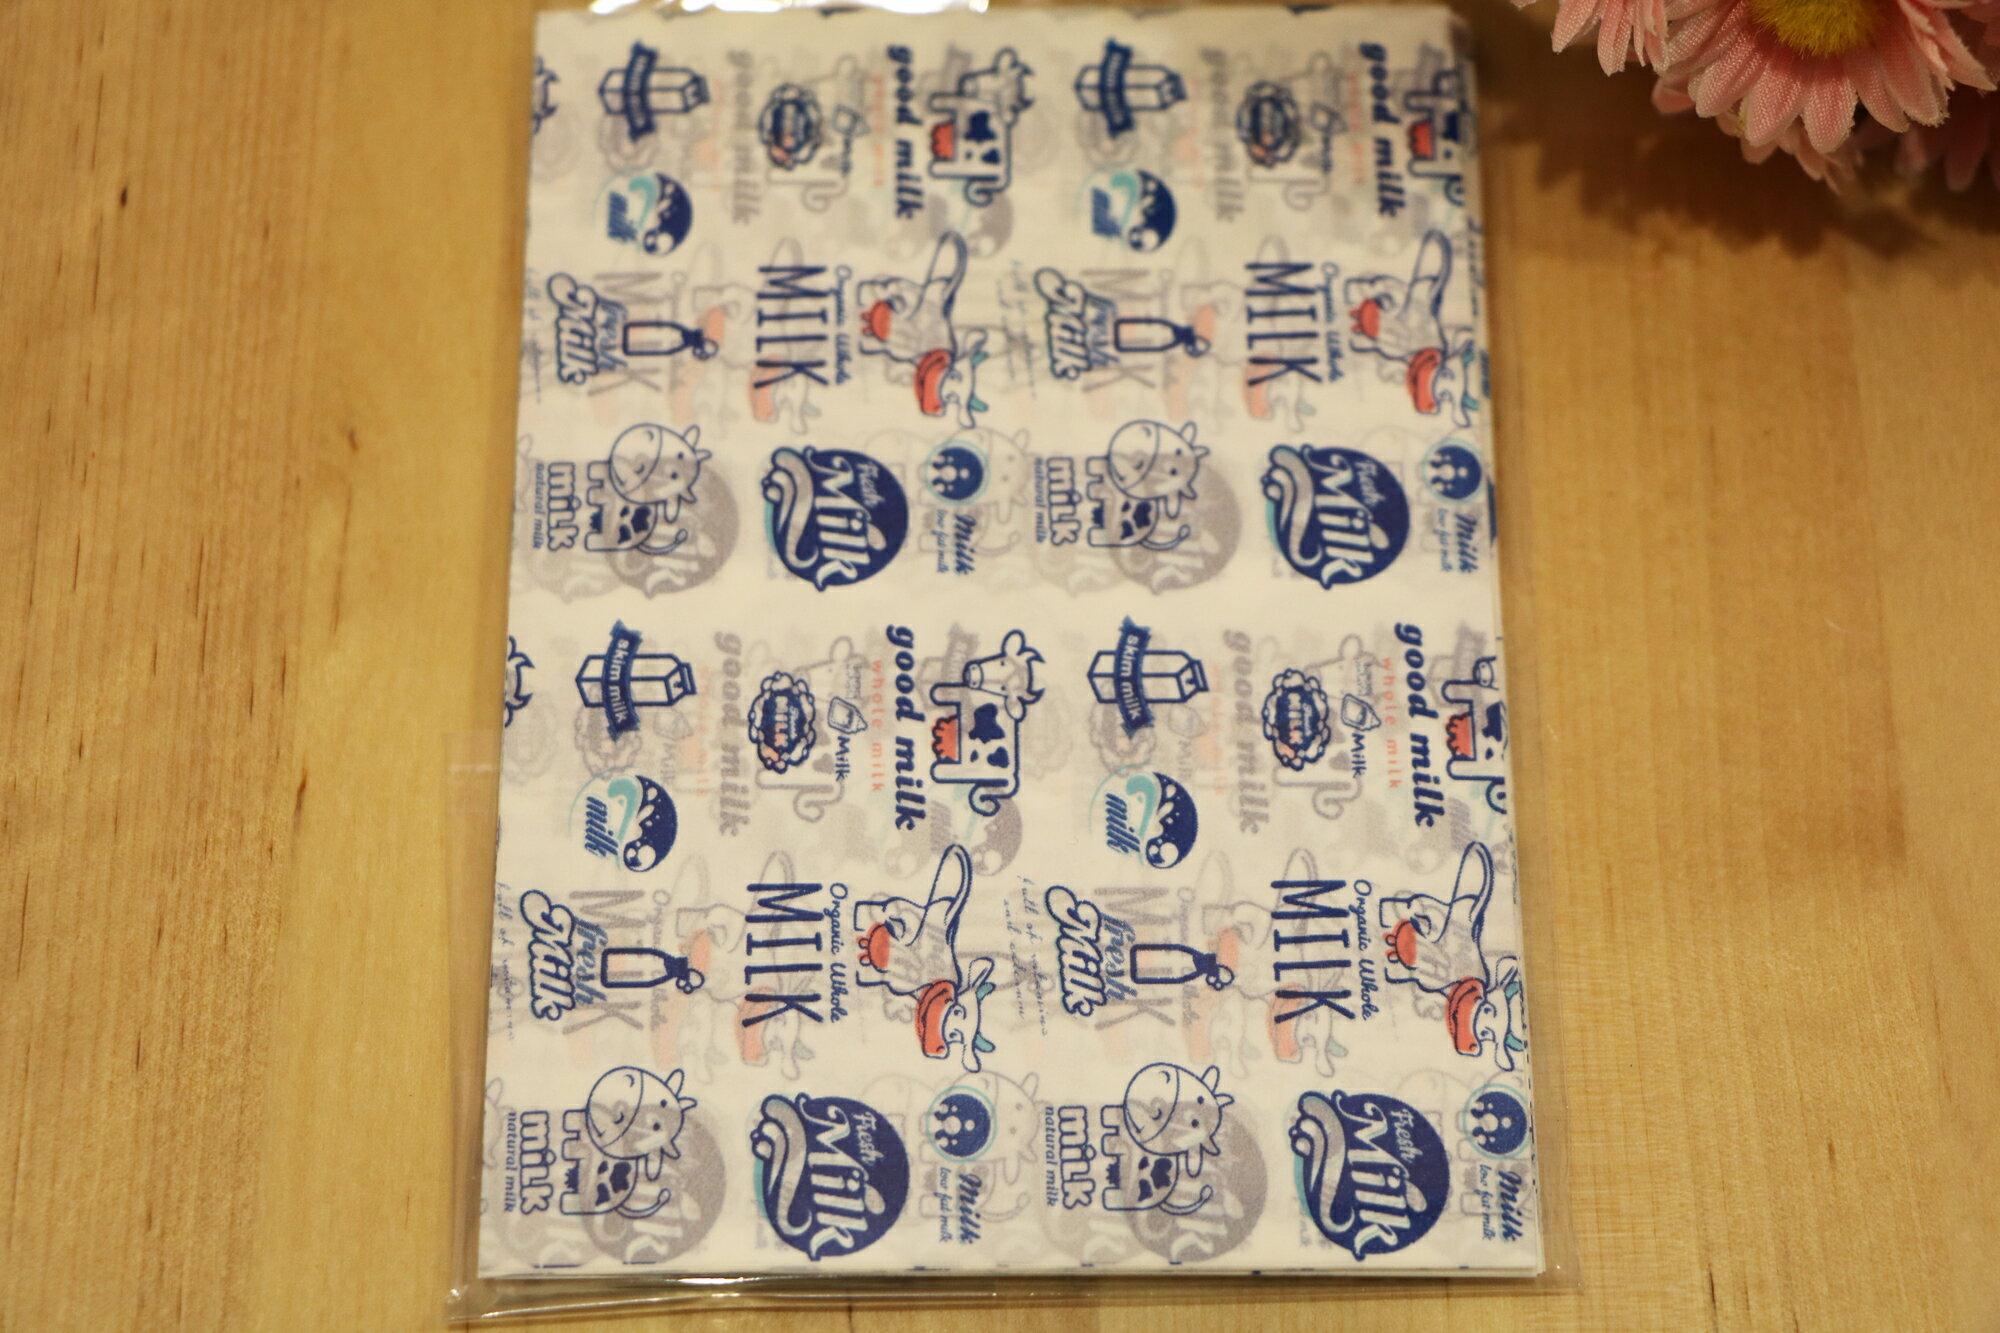 可愛小牛-糖果/牛奶糖/牛扎糖包裝紙( 100入)